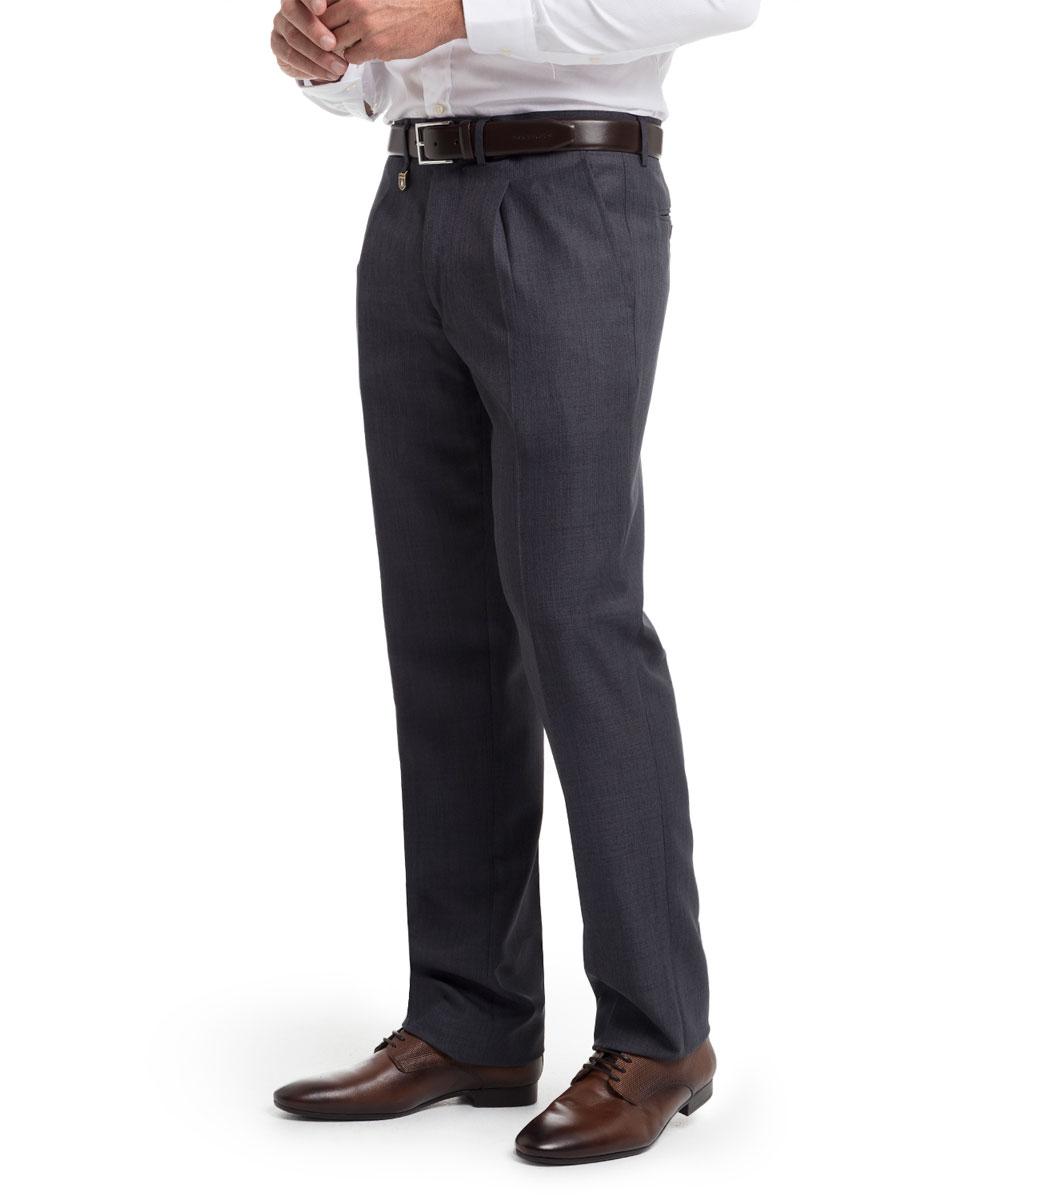 Pantalon Vestir Para Hombre Con Pinzas Y Tejido Sarga Fina De Verano